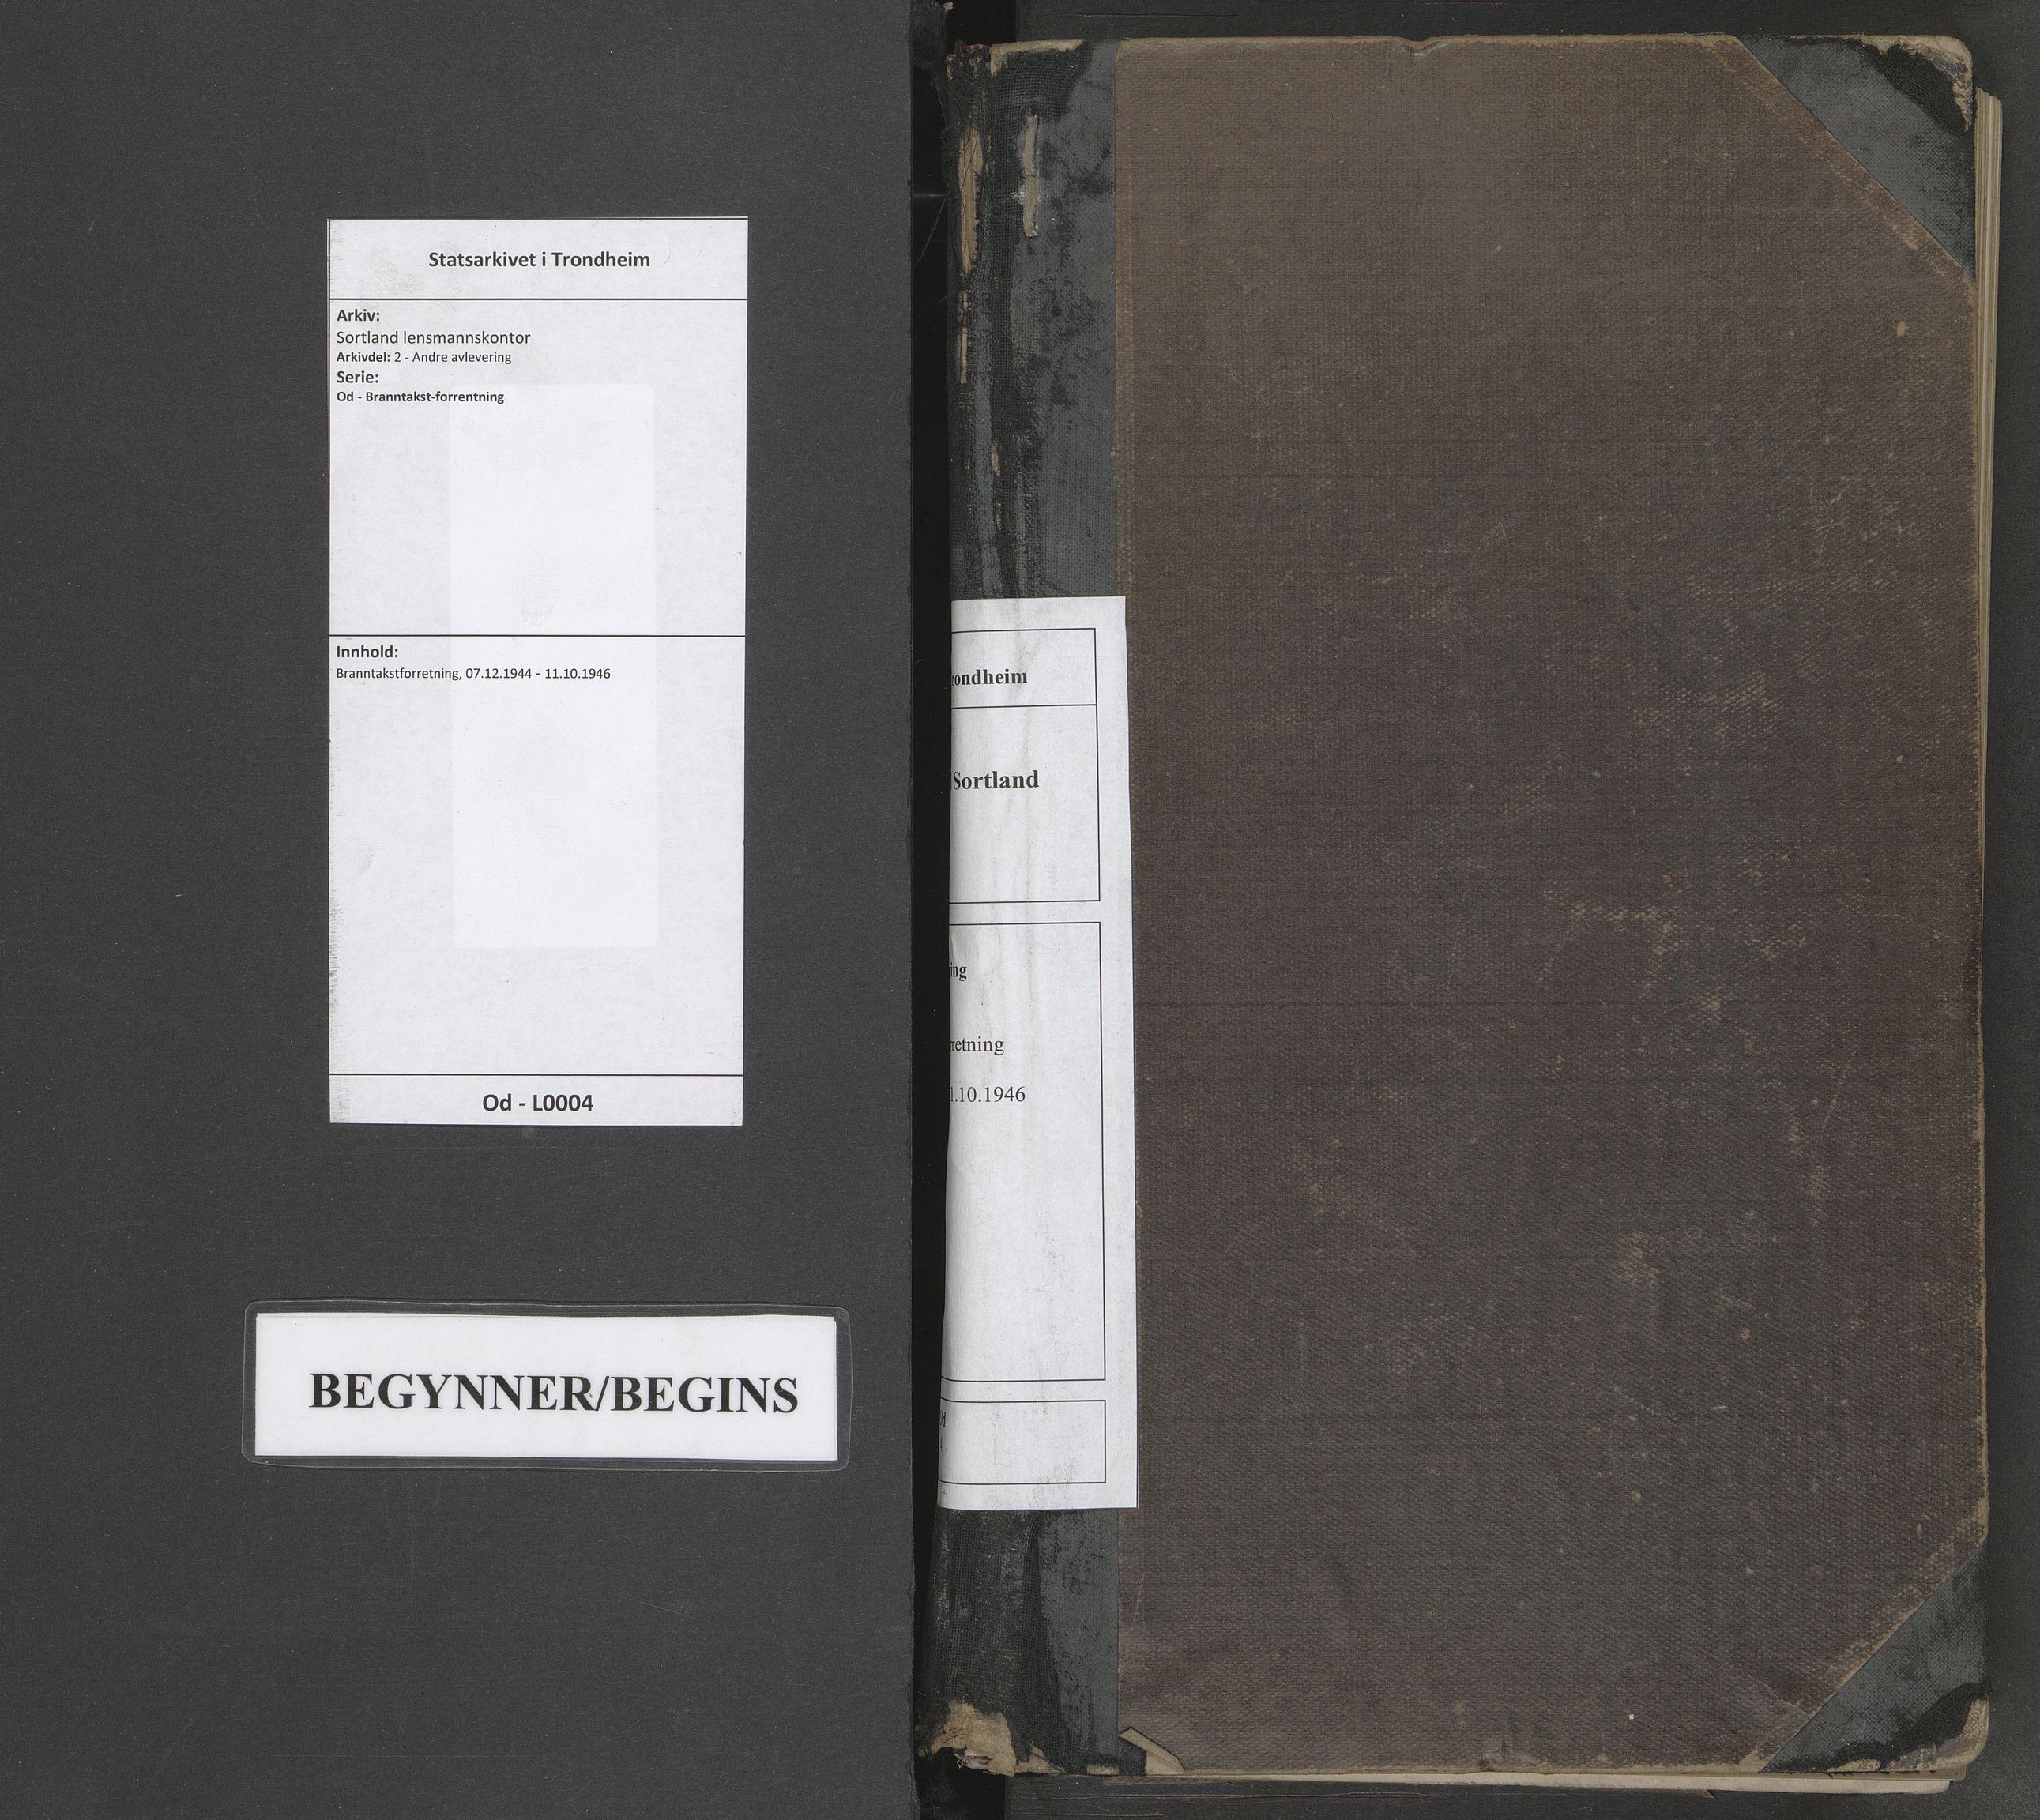 SAT, Sortland lensmannskontor, Od/L0004: Branntakstforretning, 1944-1946